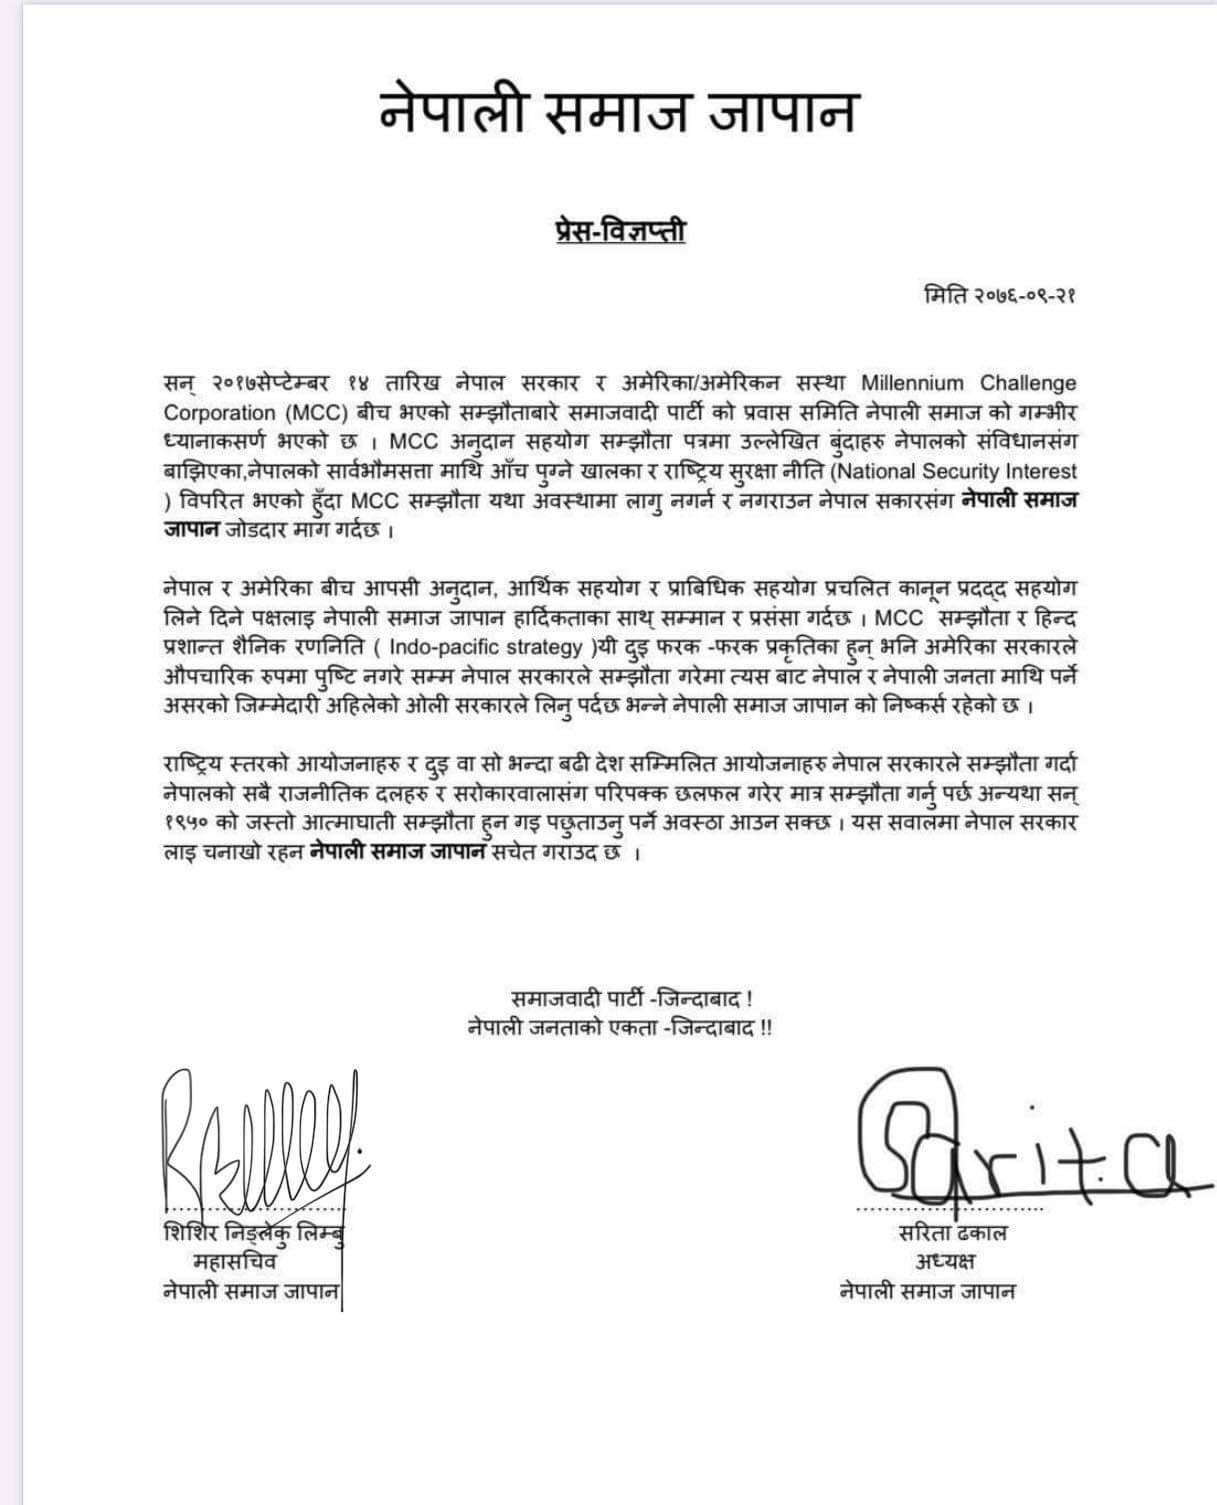 MCC सम्झौता यथा अवस्थामा  लागु नगराउन नेपाली समाज जापानकाे माग